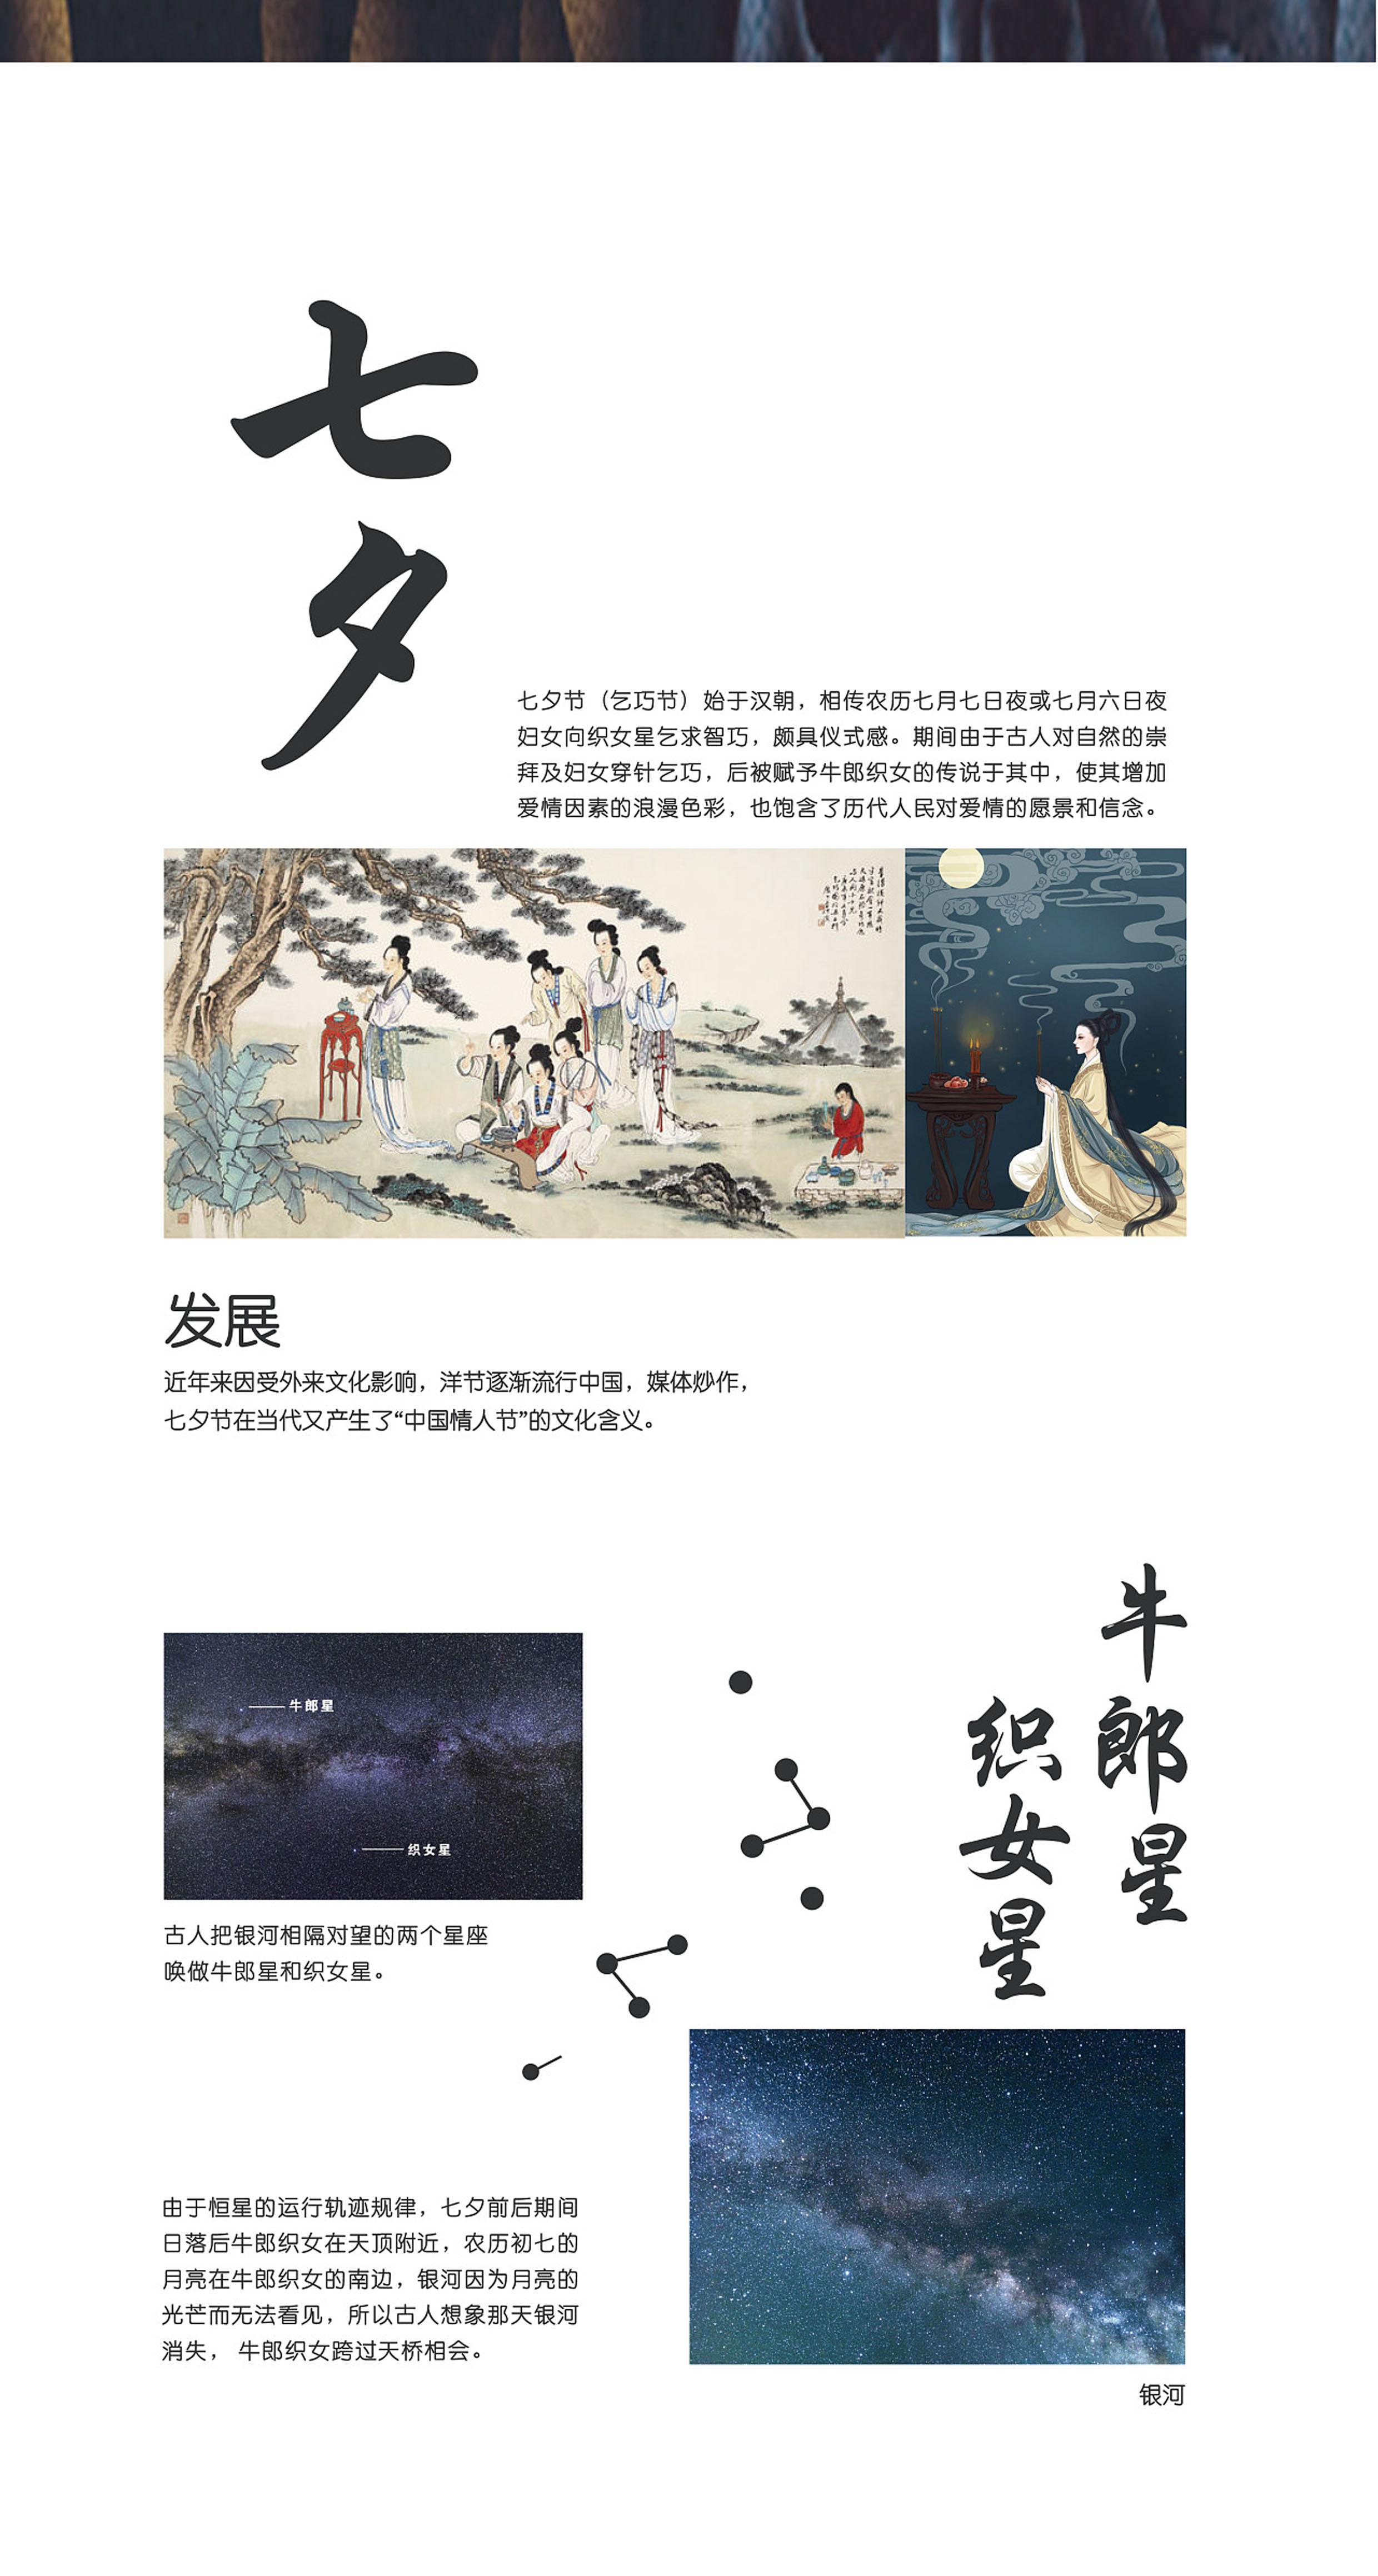 杰士邦七夕主题包装设计 古风板画...